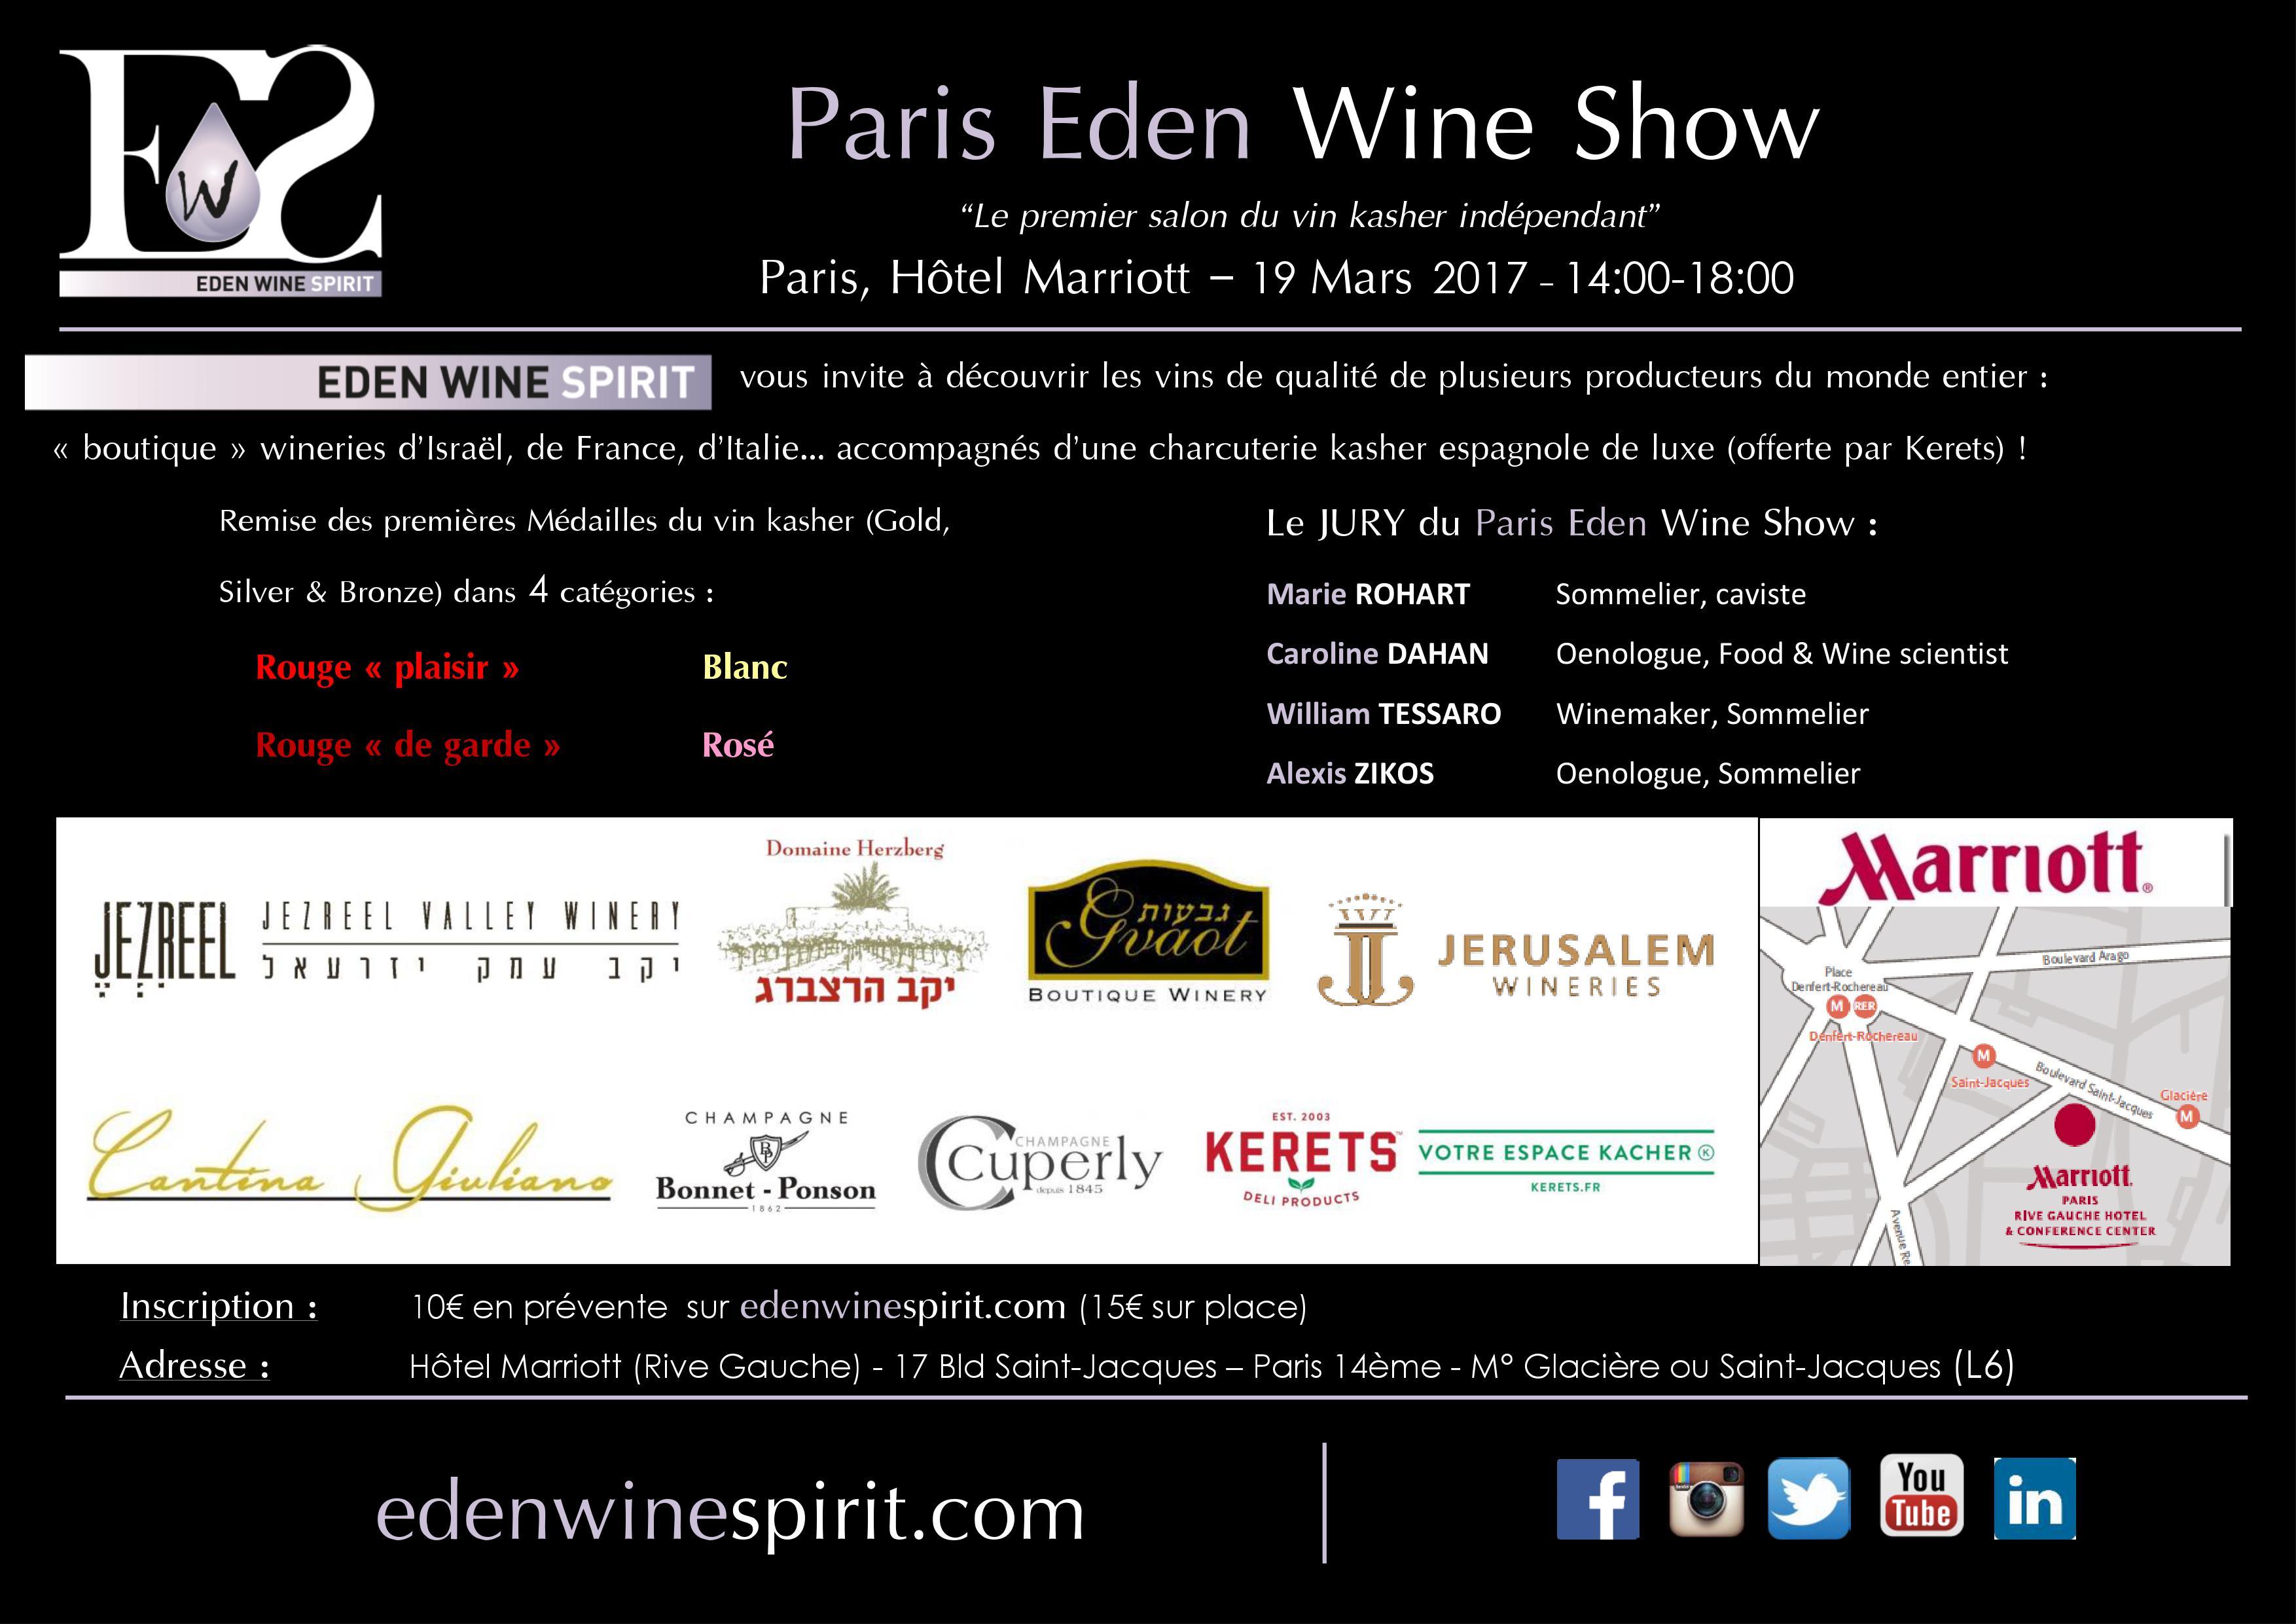 Paris Eden Wine Show